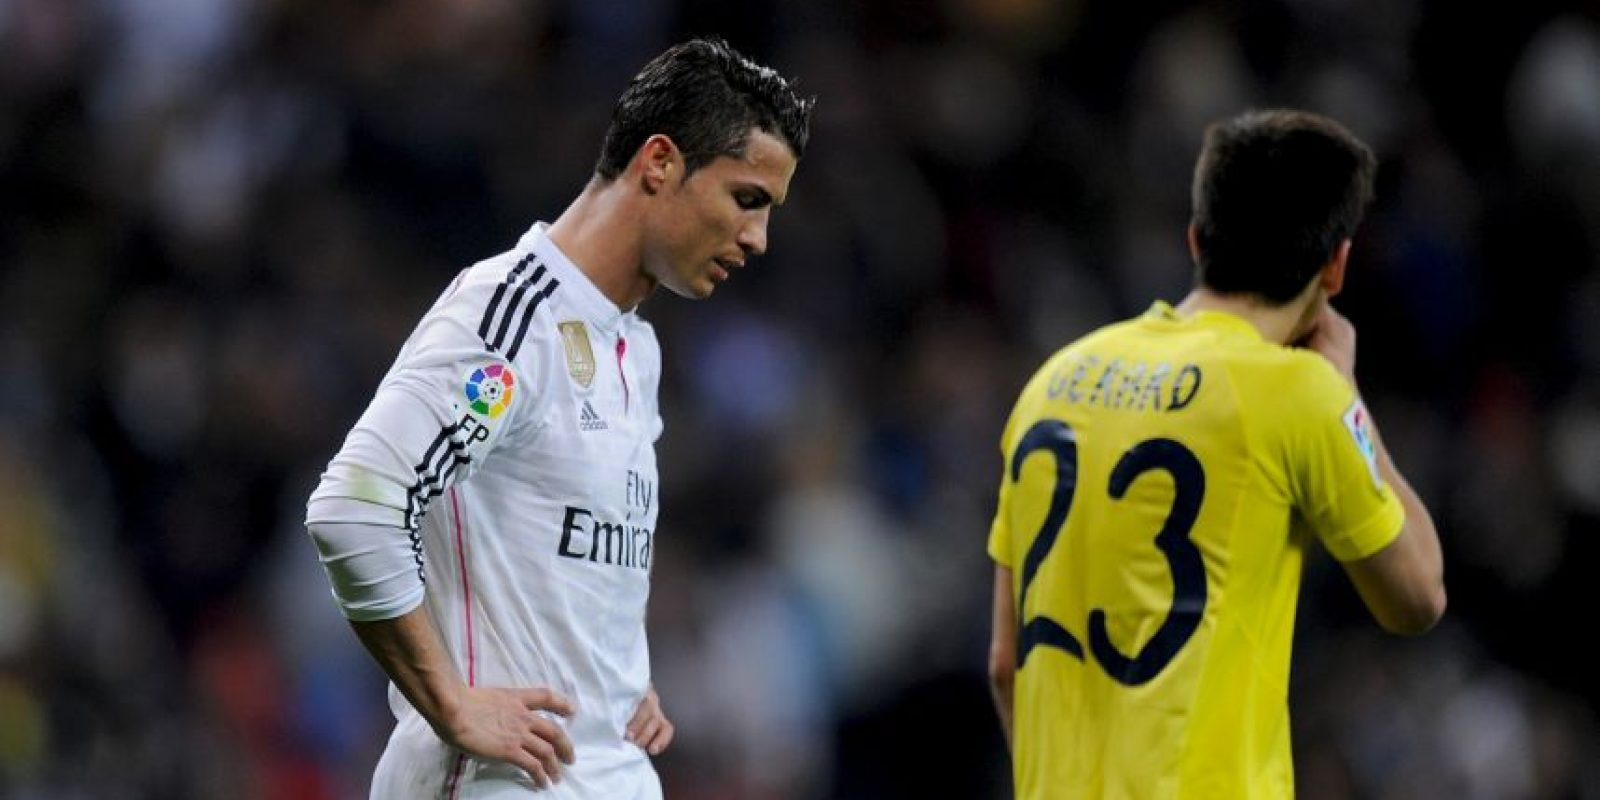 CR7 solo ha marcado cuatro goles en sus últimos cinco partidos Foto:Getty Images